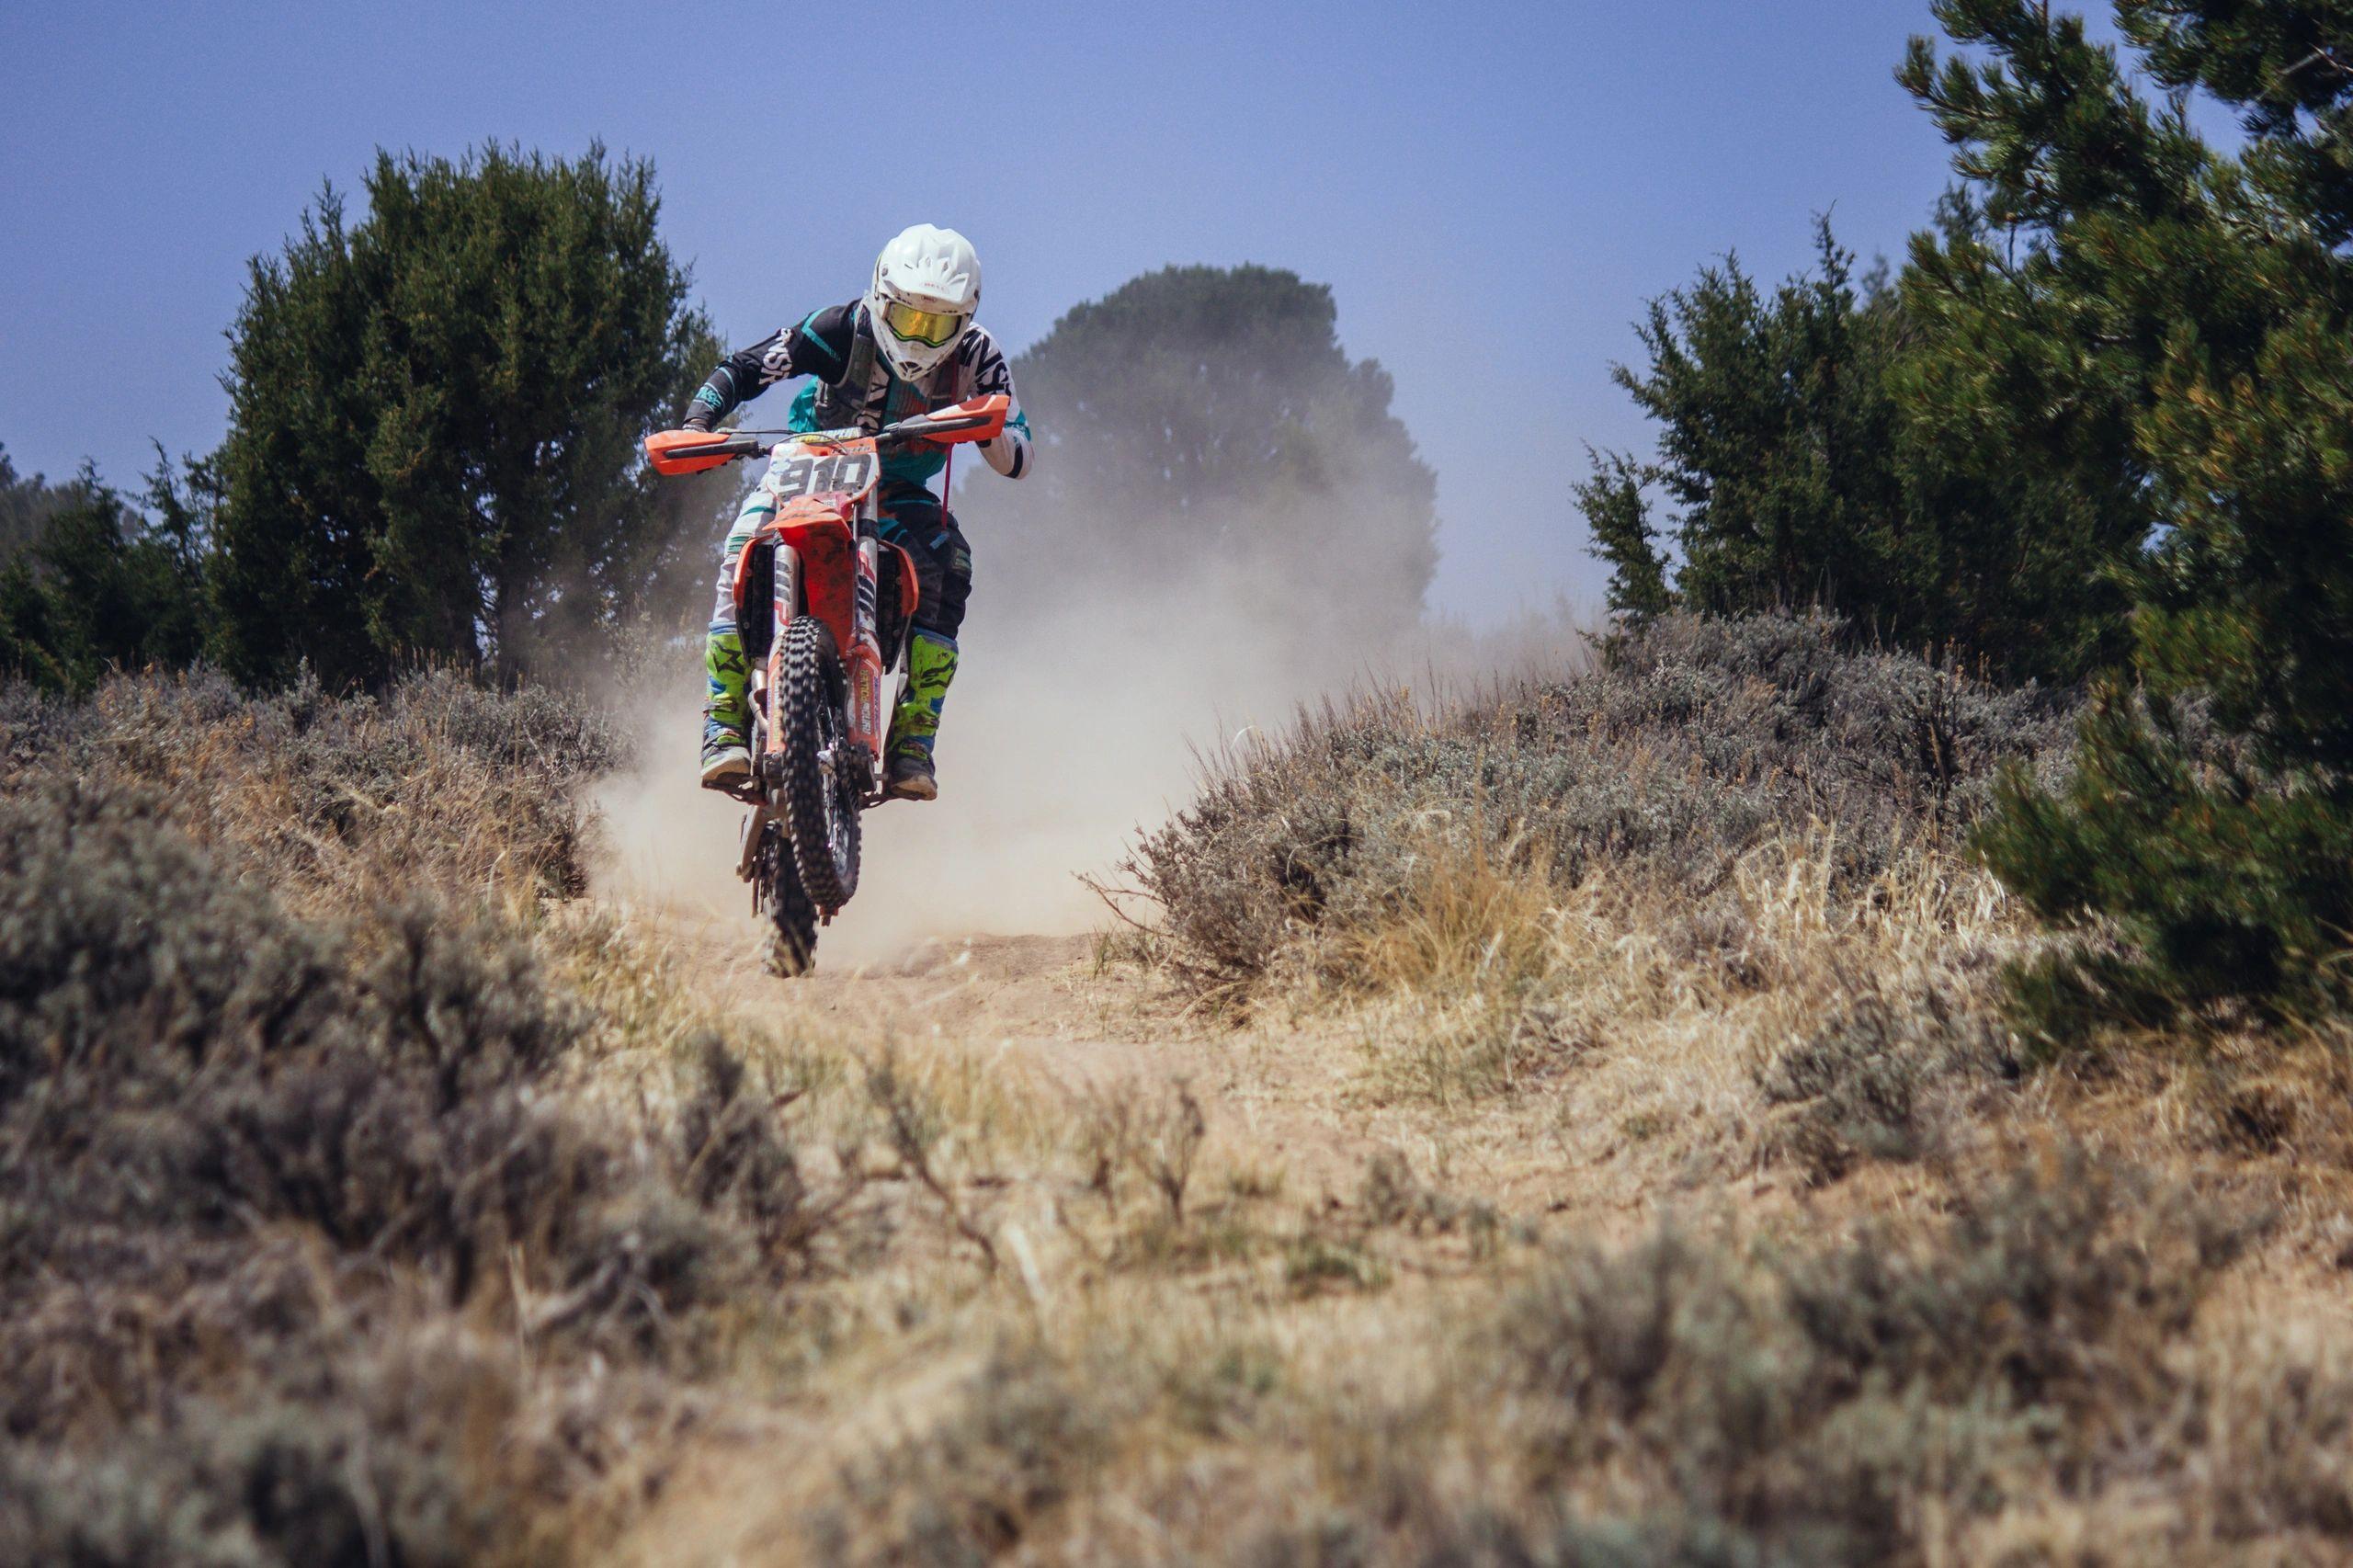 Espanola Race Details